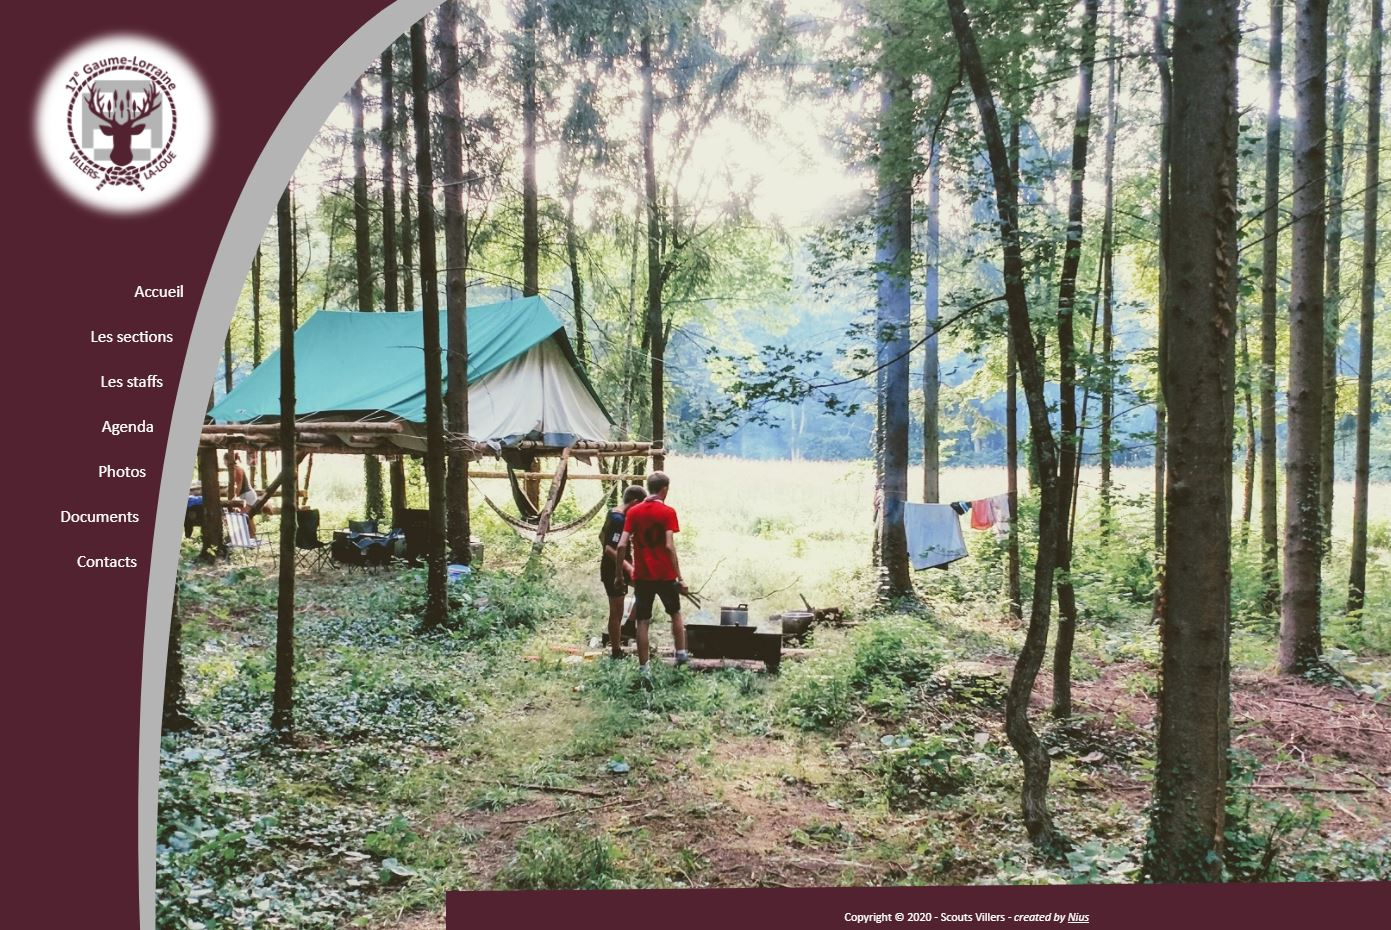 Scouts of Villers-la-Loue